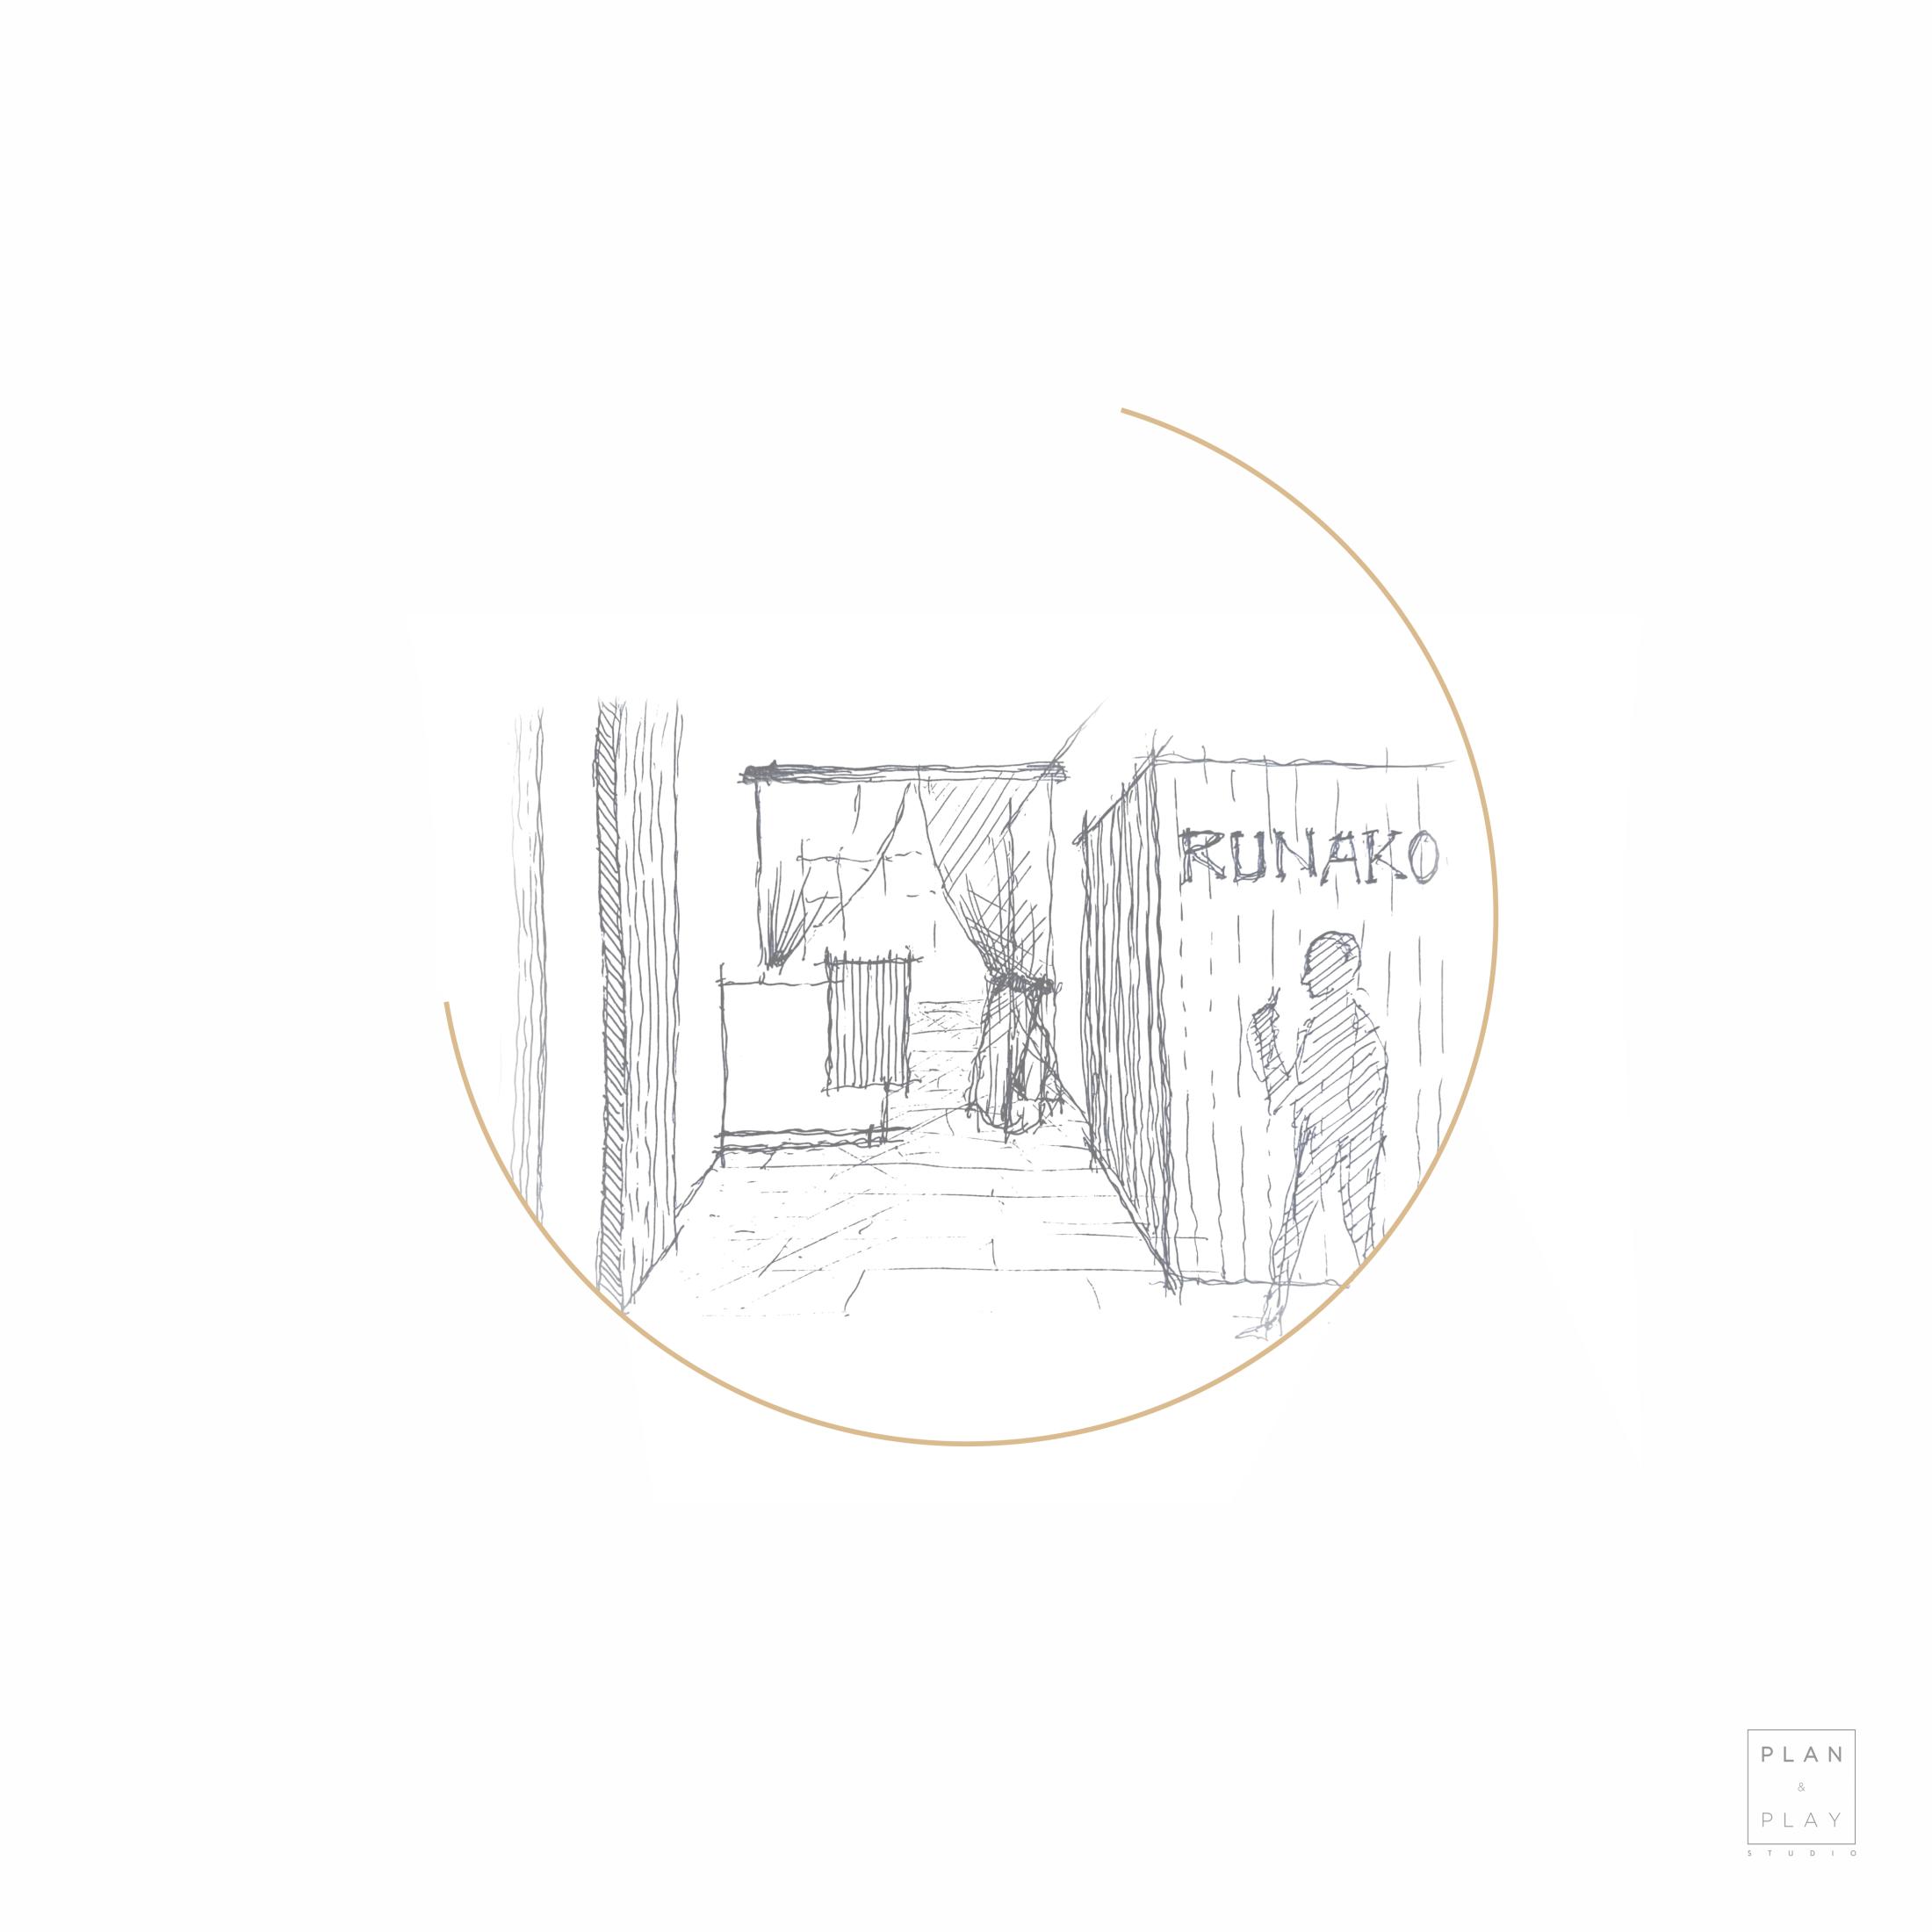 Plan & Play Studio Runako Klp. Indah, Kec. Tangerang, Kota Tangerang, Banten 15117, Indonesia Klp. Indah, Kec. Tangerang, Kota Tangerang, Banten 15117, Indonesia Plan-Play-Studio-Runako  85729